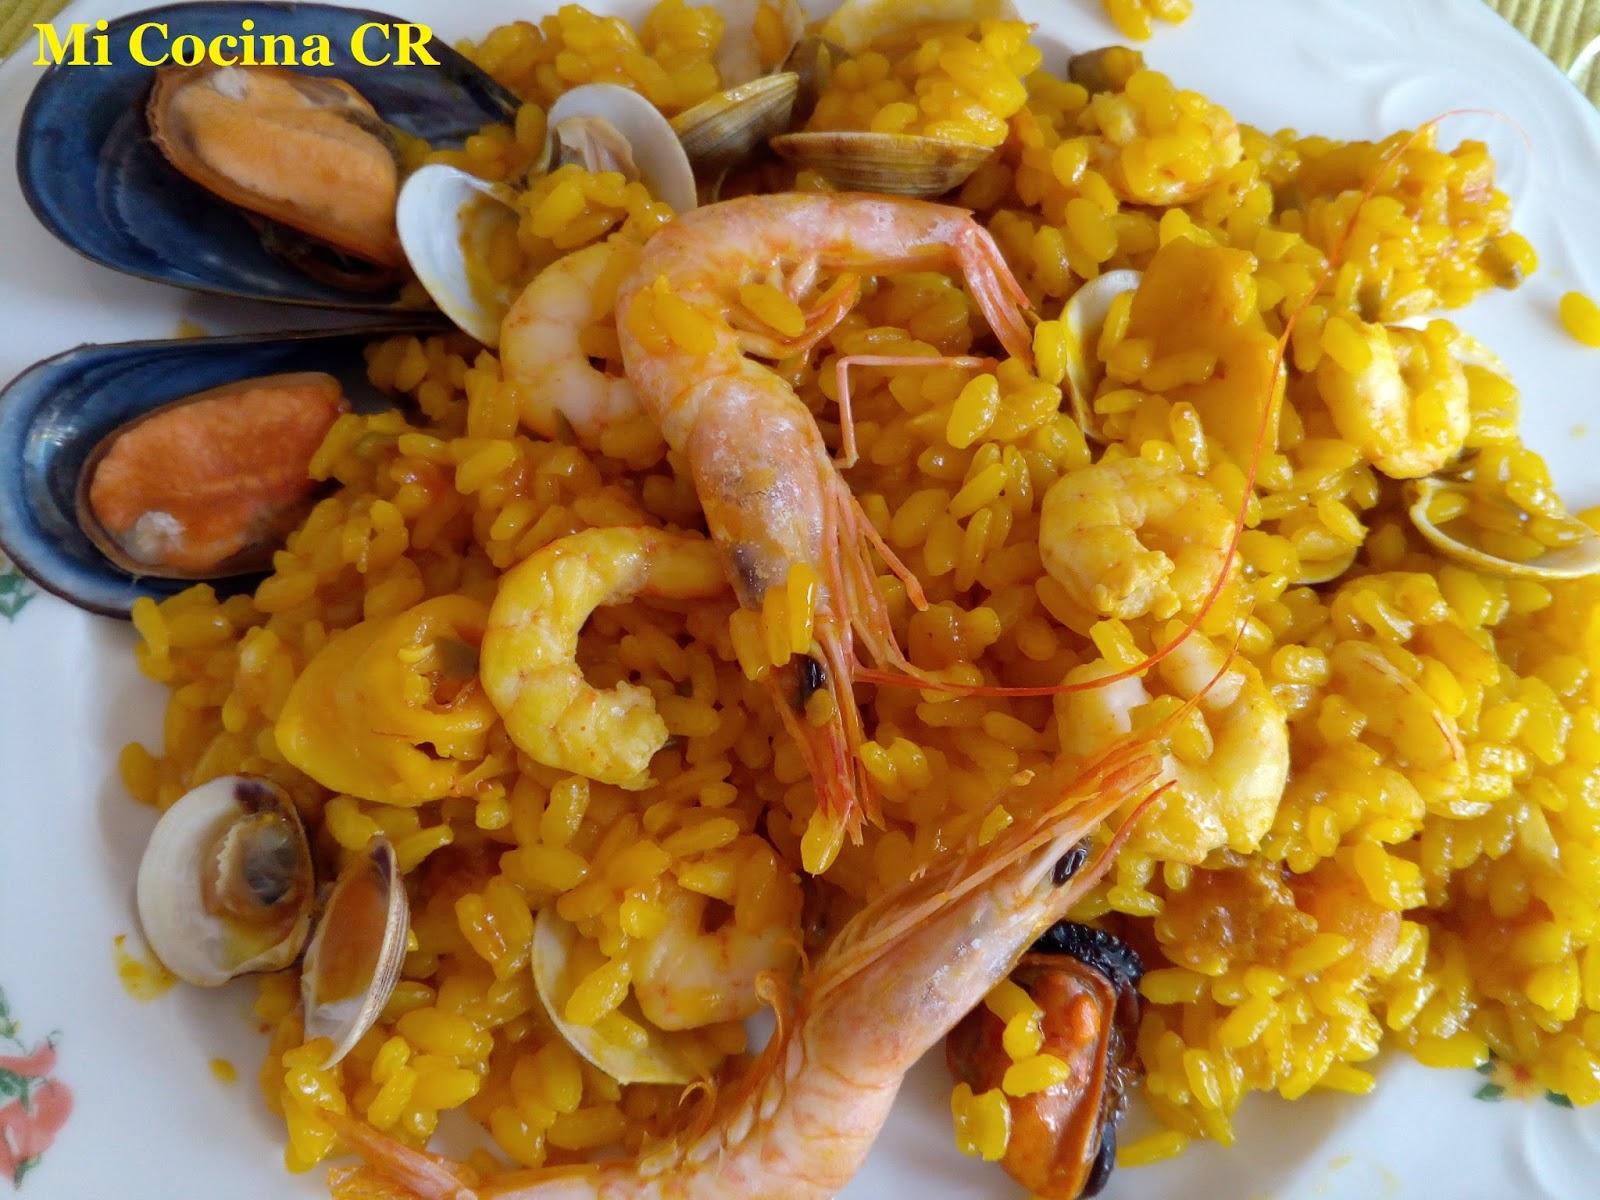 Mi cocina arroz en paella con almejas mejillones for Mi cocina malaga